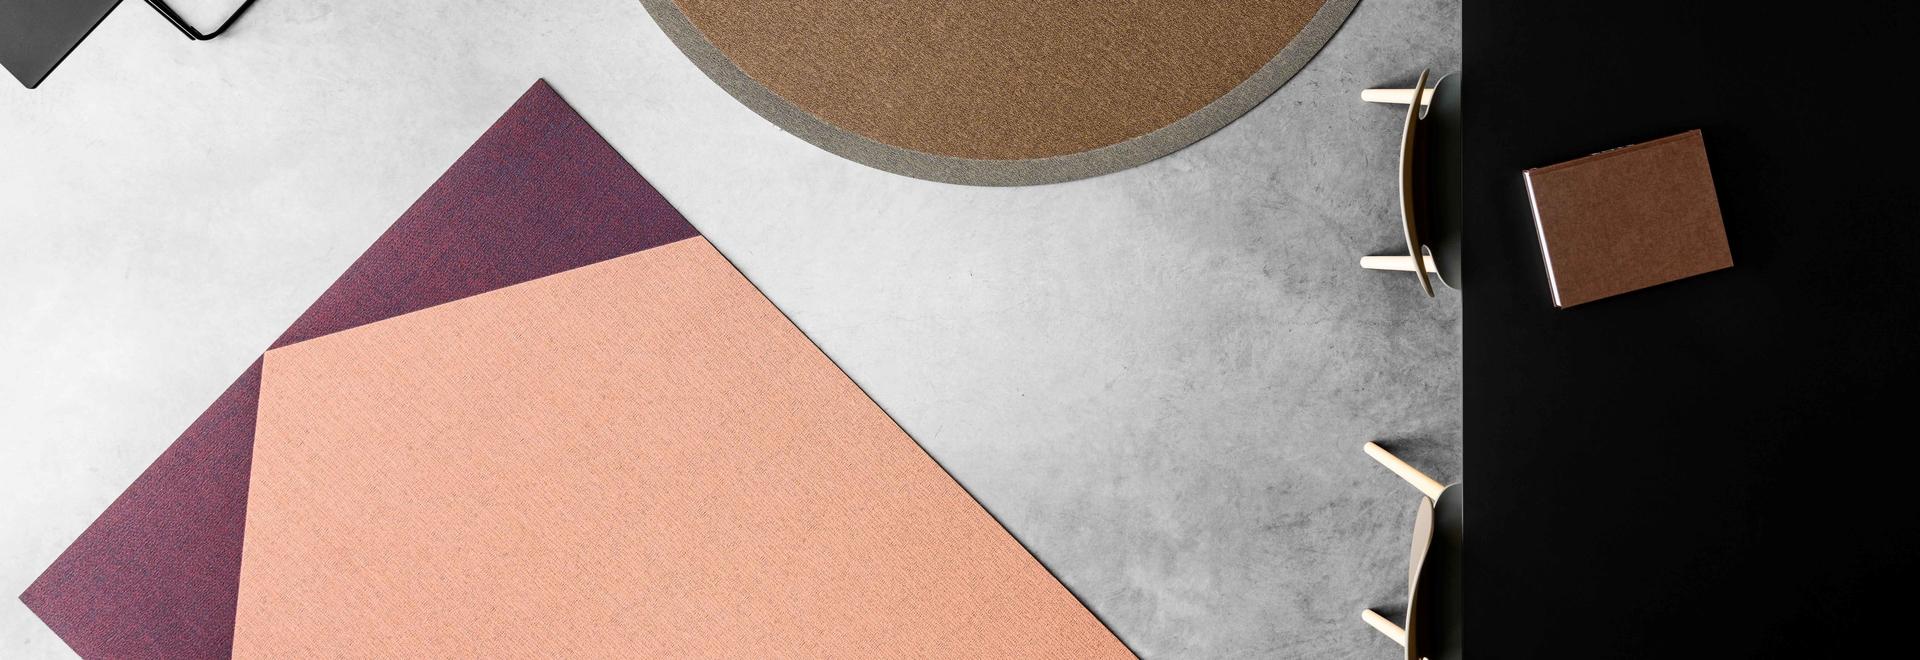 Alfombra de vinilo tejido: una colección moderna y de diseño